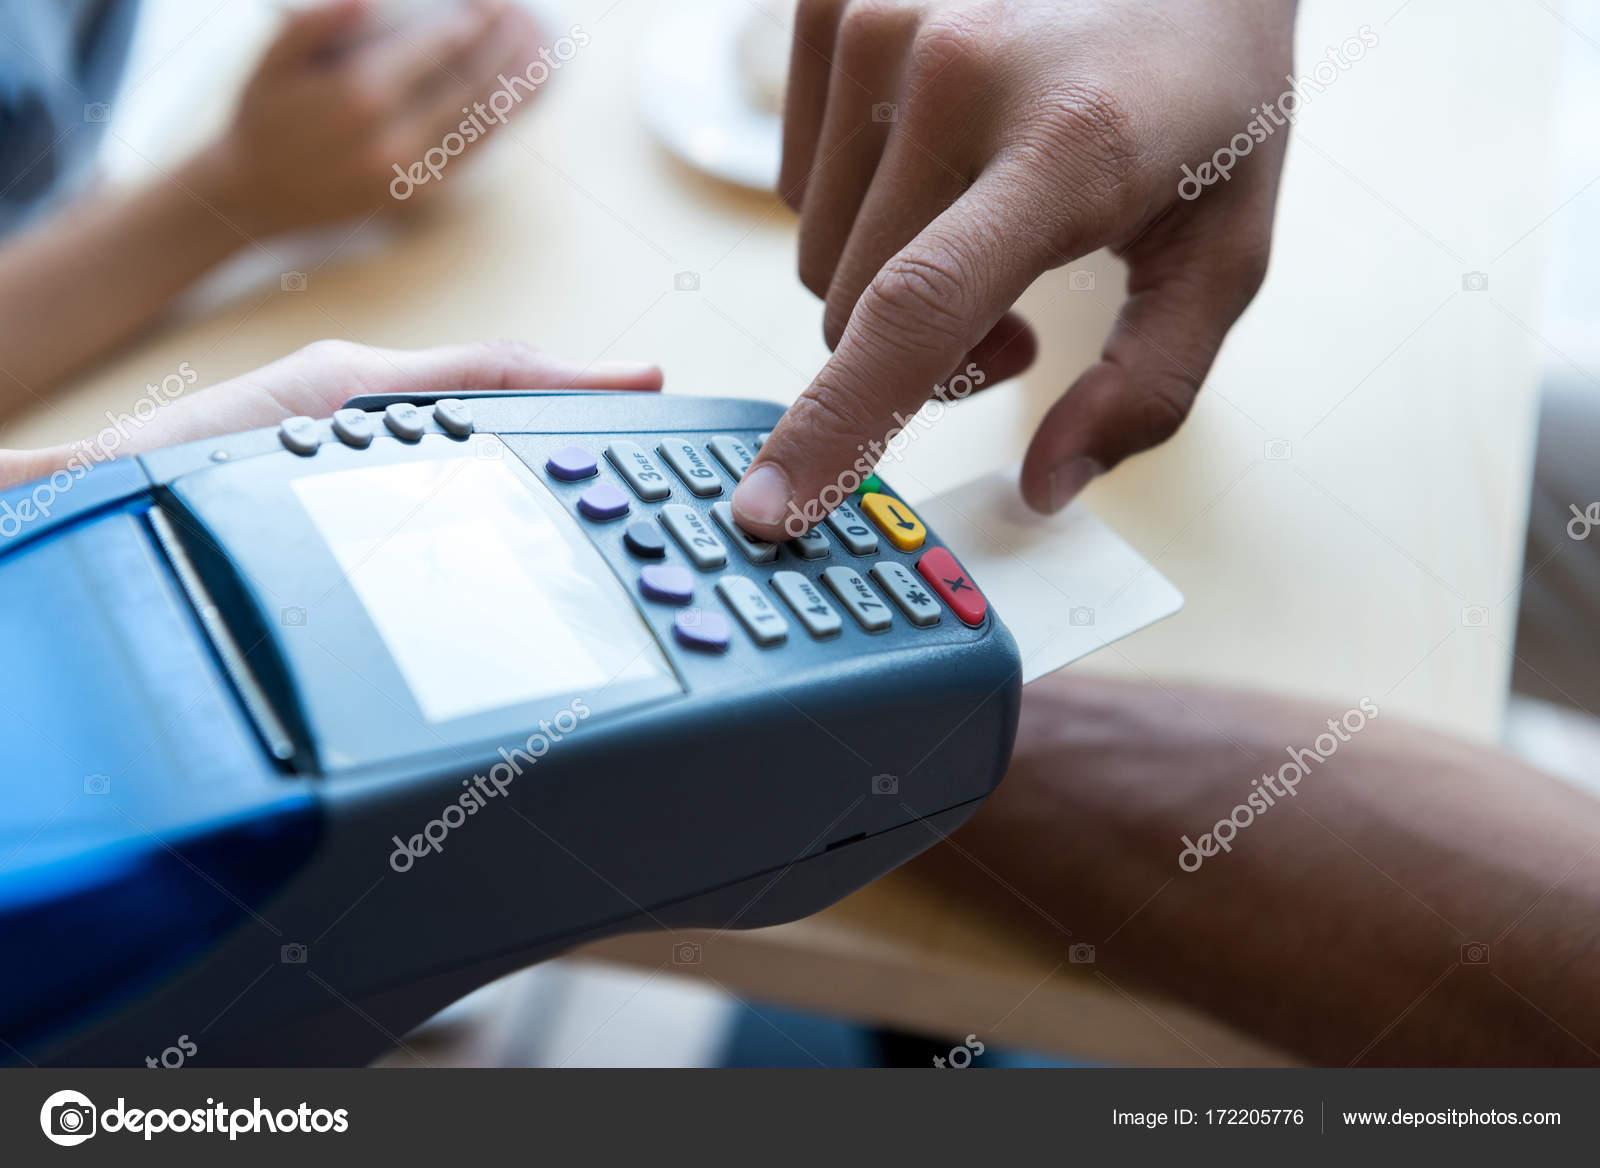 クレジット カード、ターミナルで支払い — ストック写真 © allaserebrina